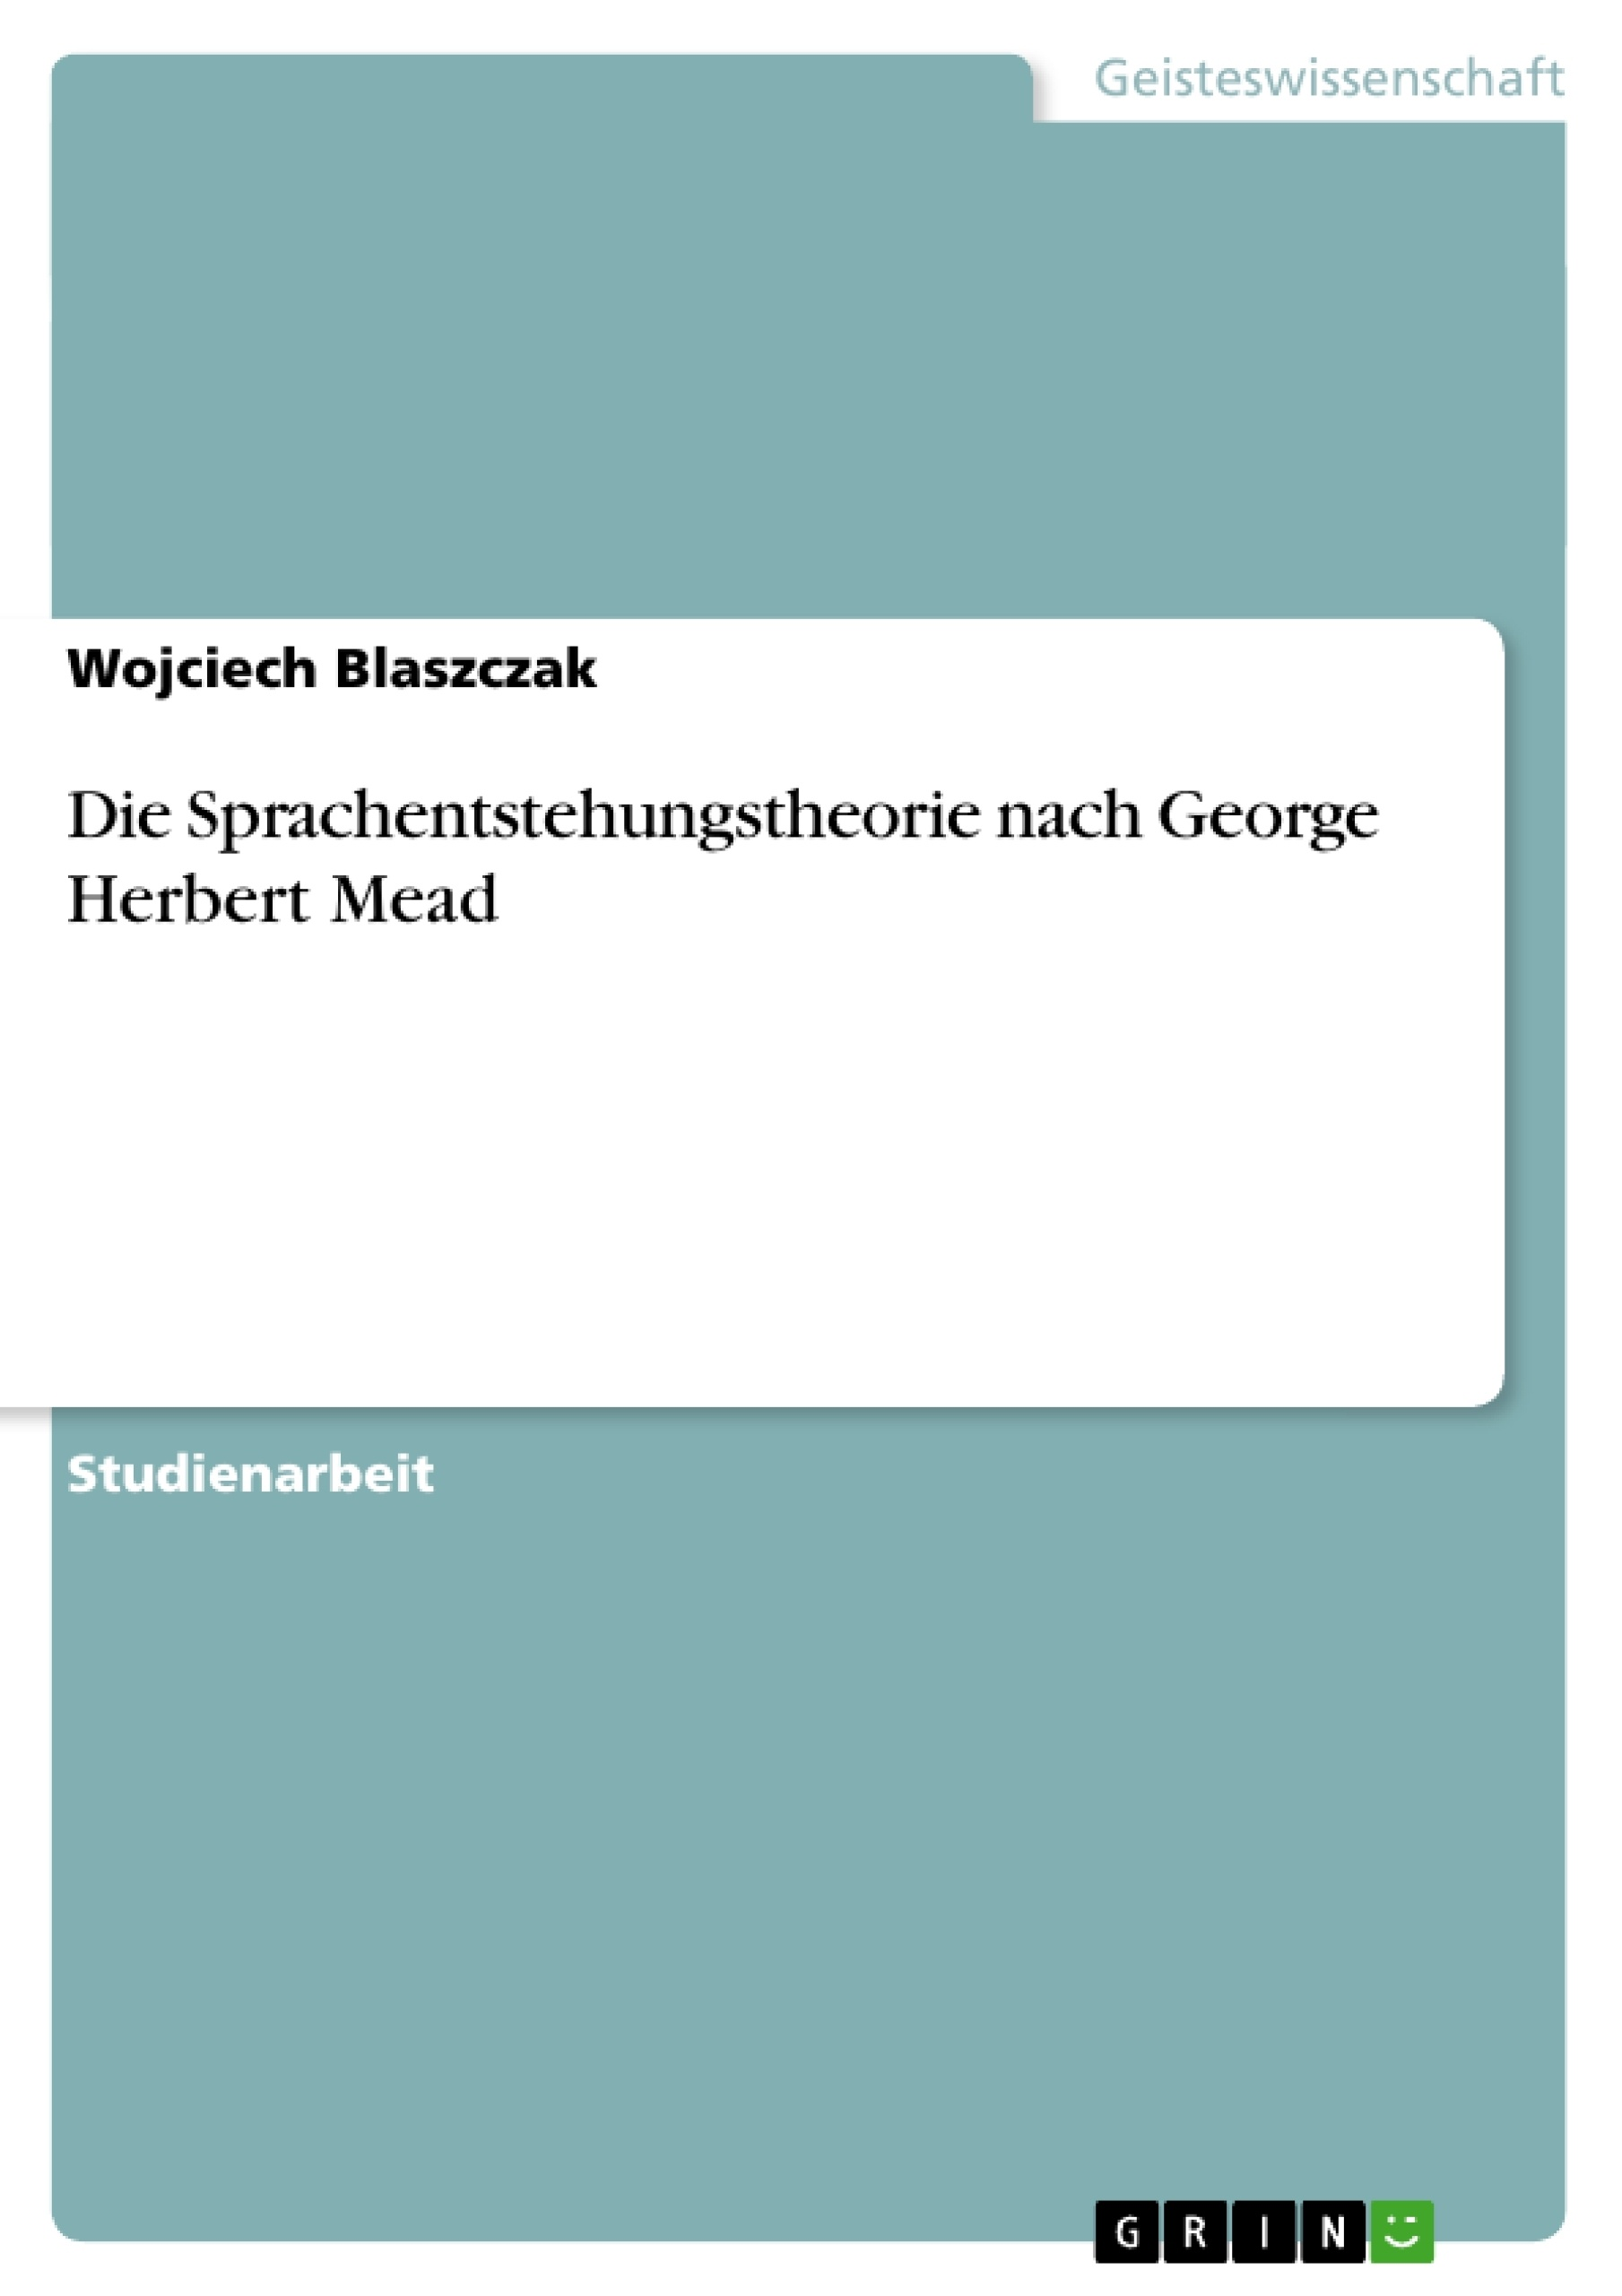 Titel: Die Sprachentstehungstheorie nach George Herbert Mead